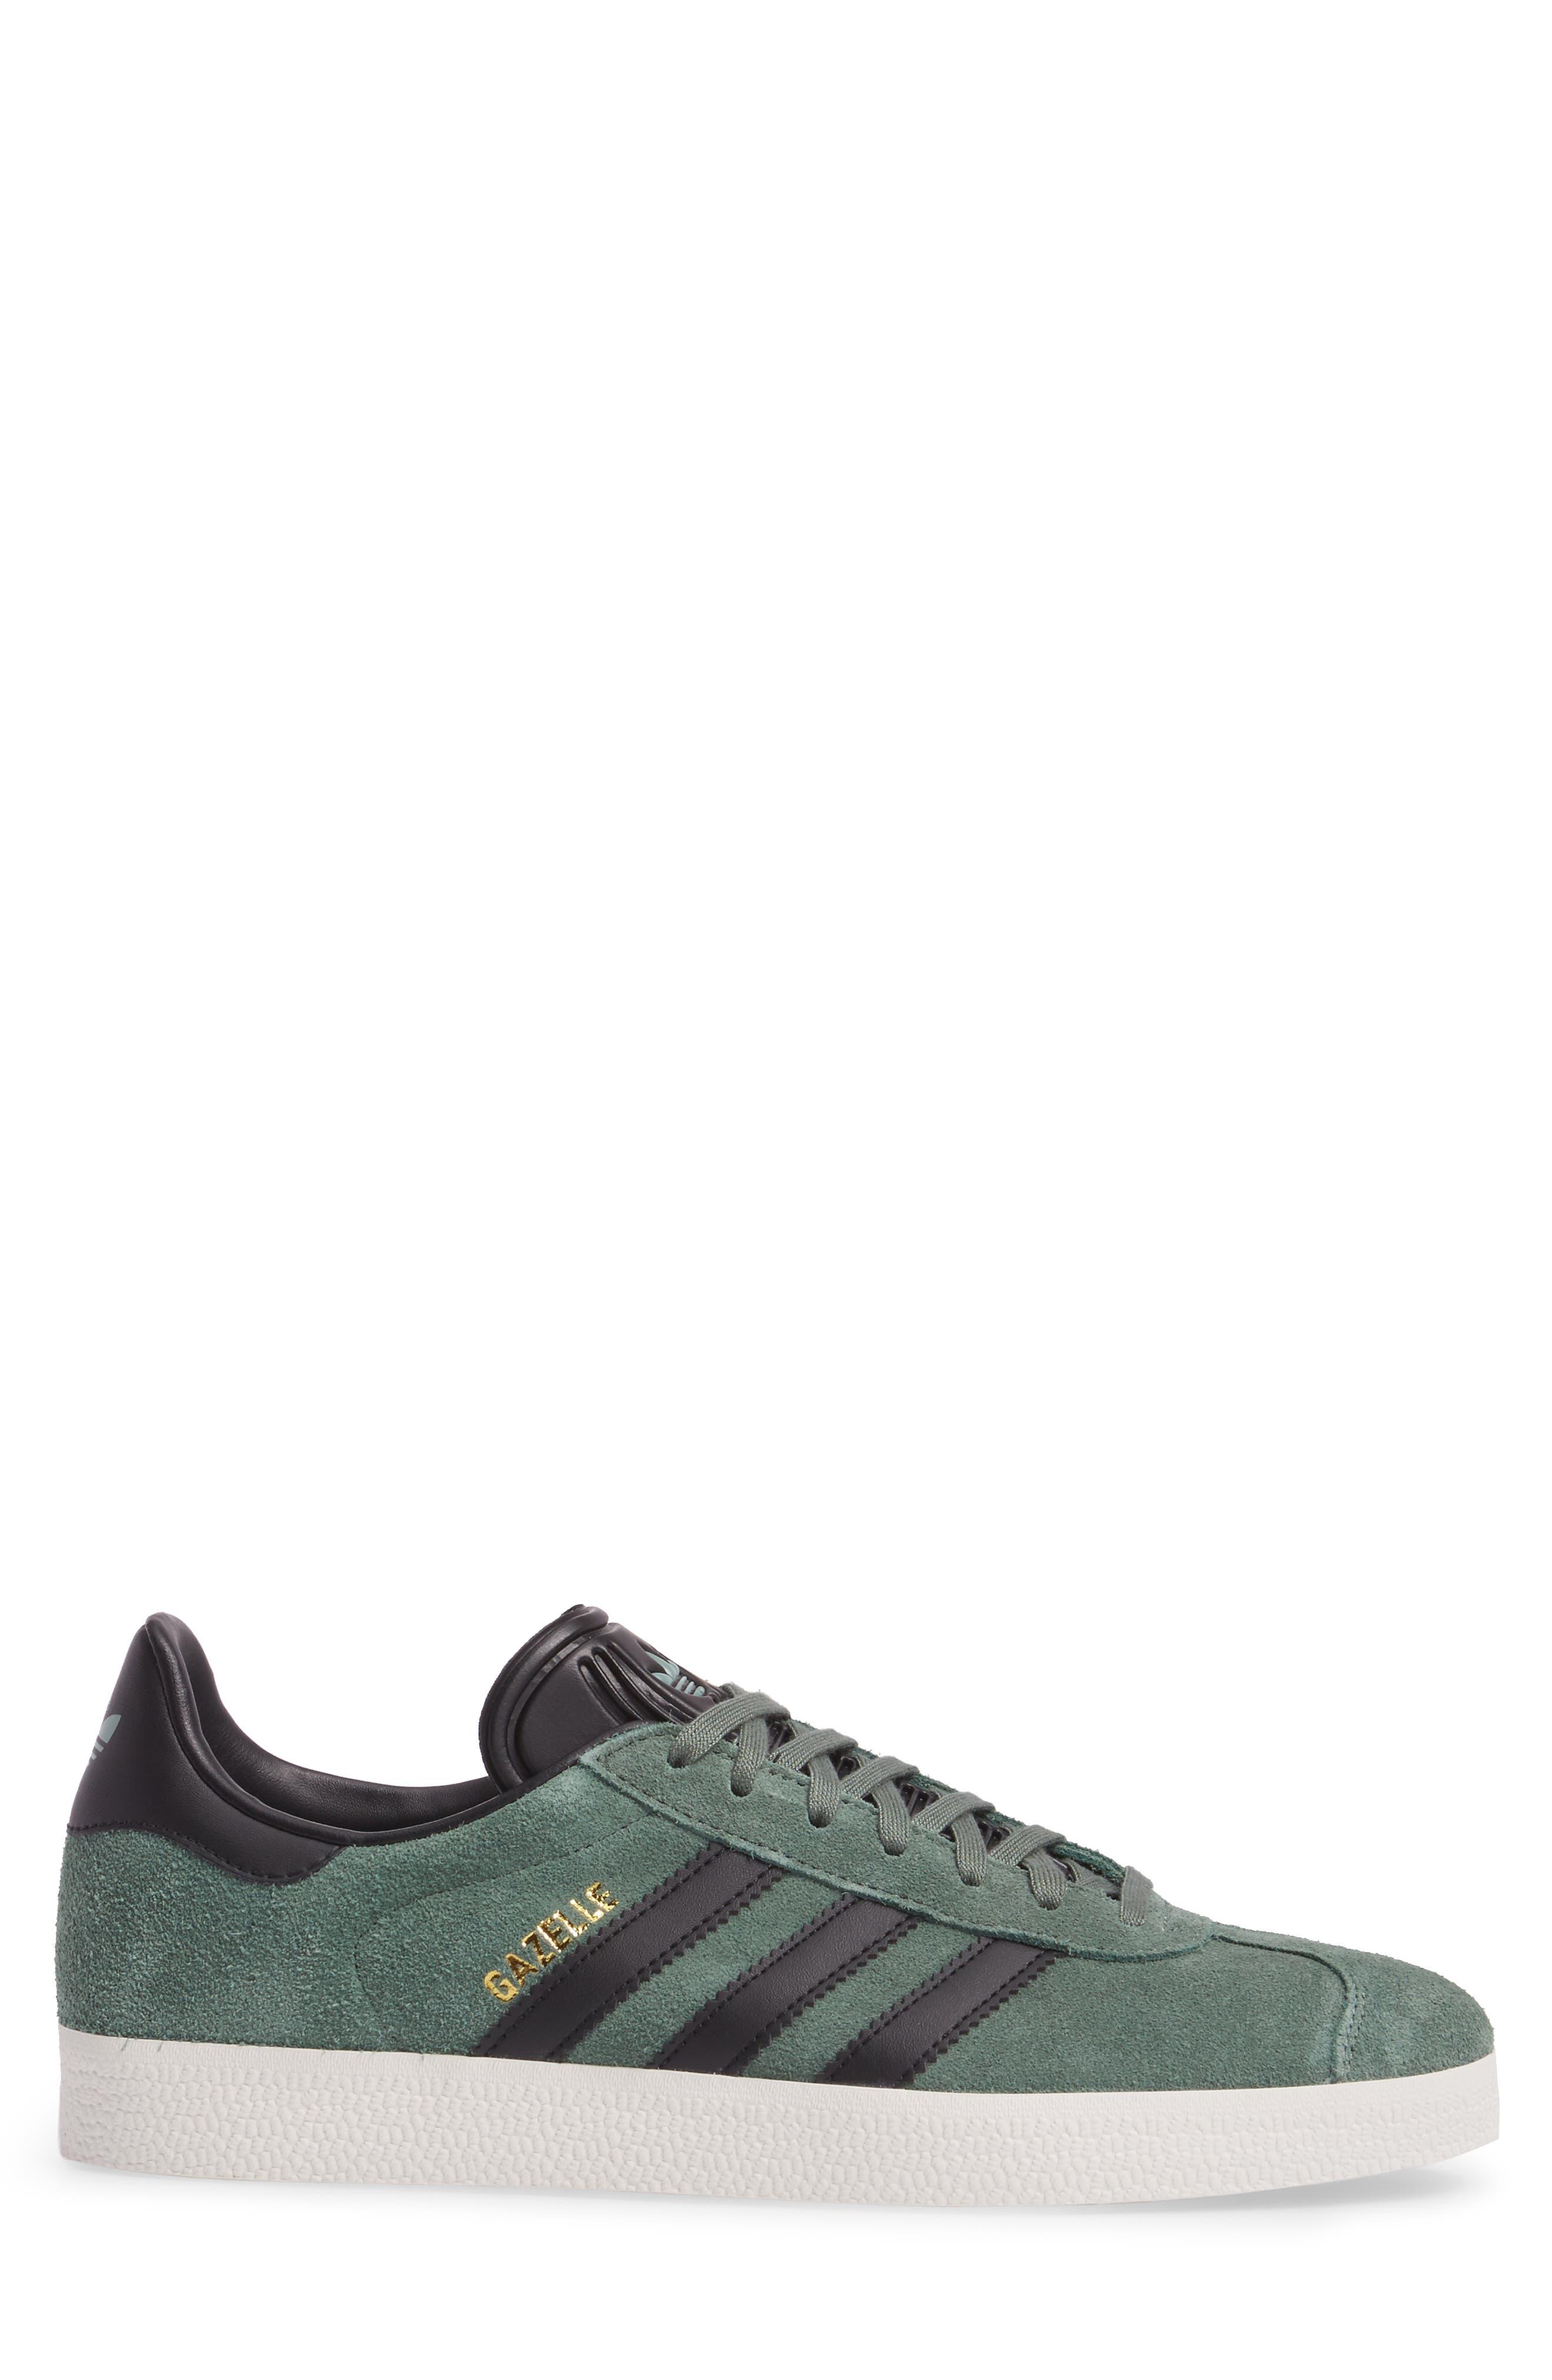 Gazelle Sneaker,                             Alternate thumbnail 3, color,                             317